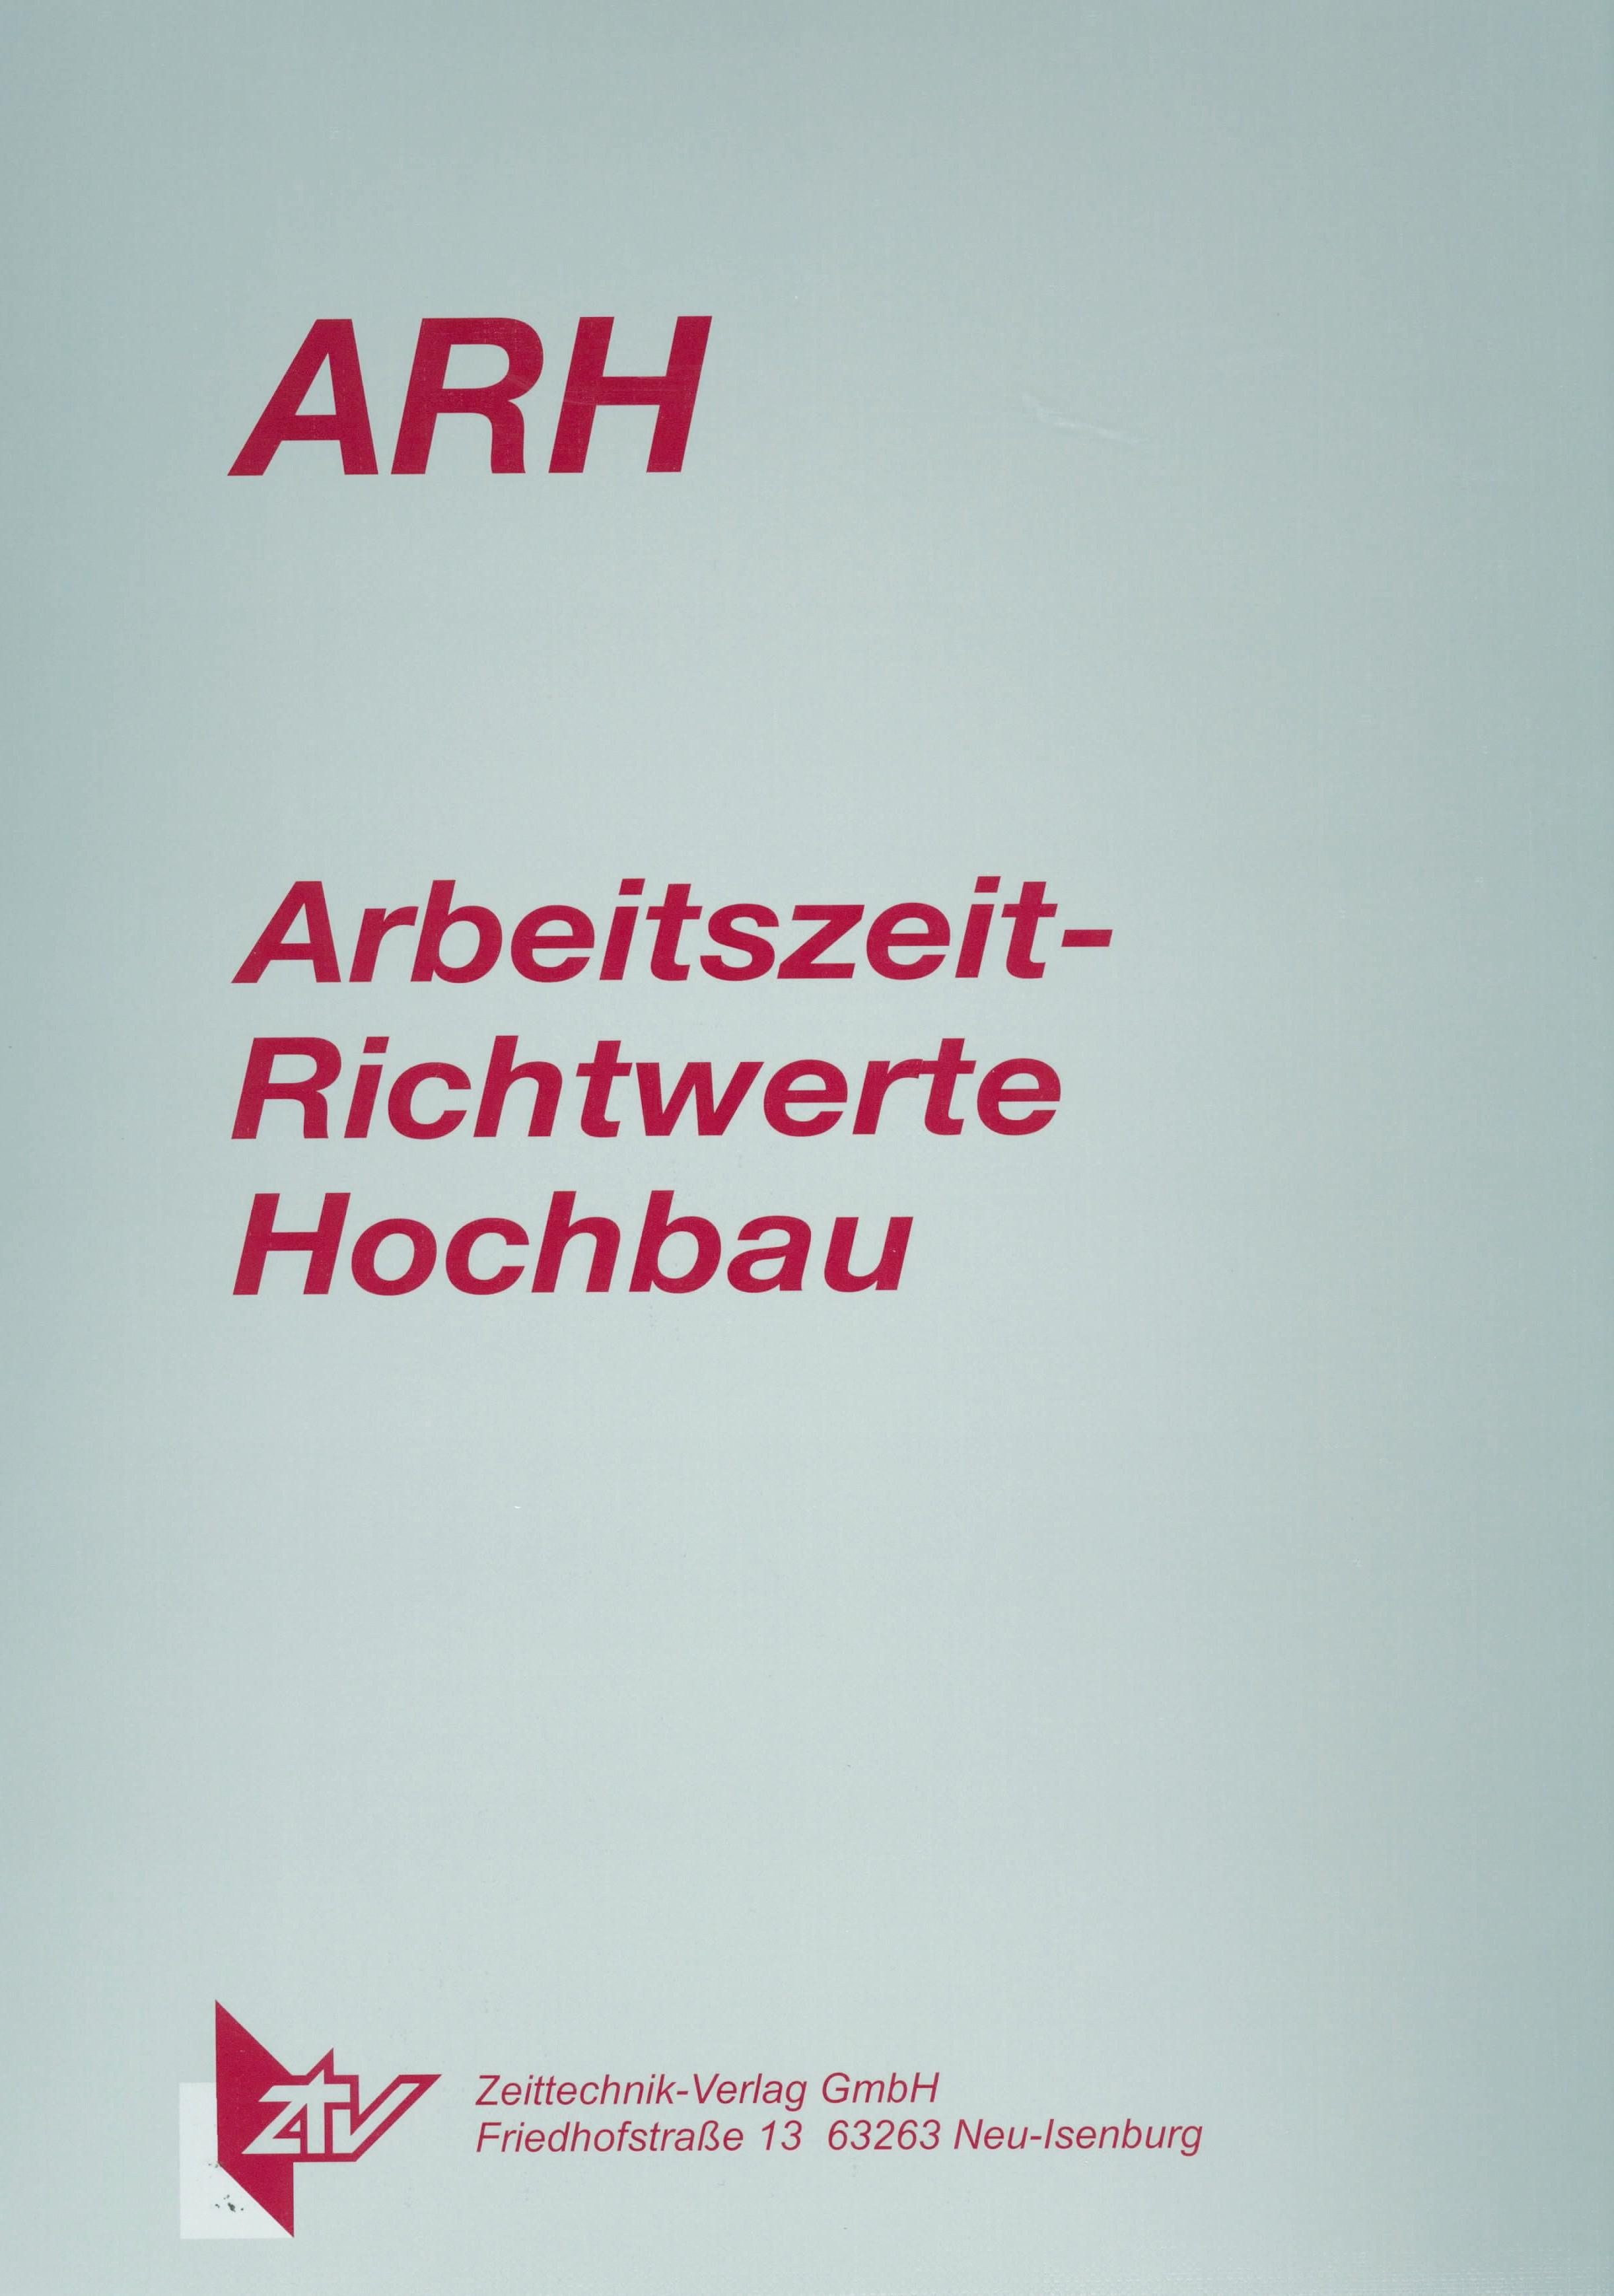 ARH-Tabelle Mauerarbeiten großformatige Steine und WDVS